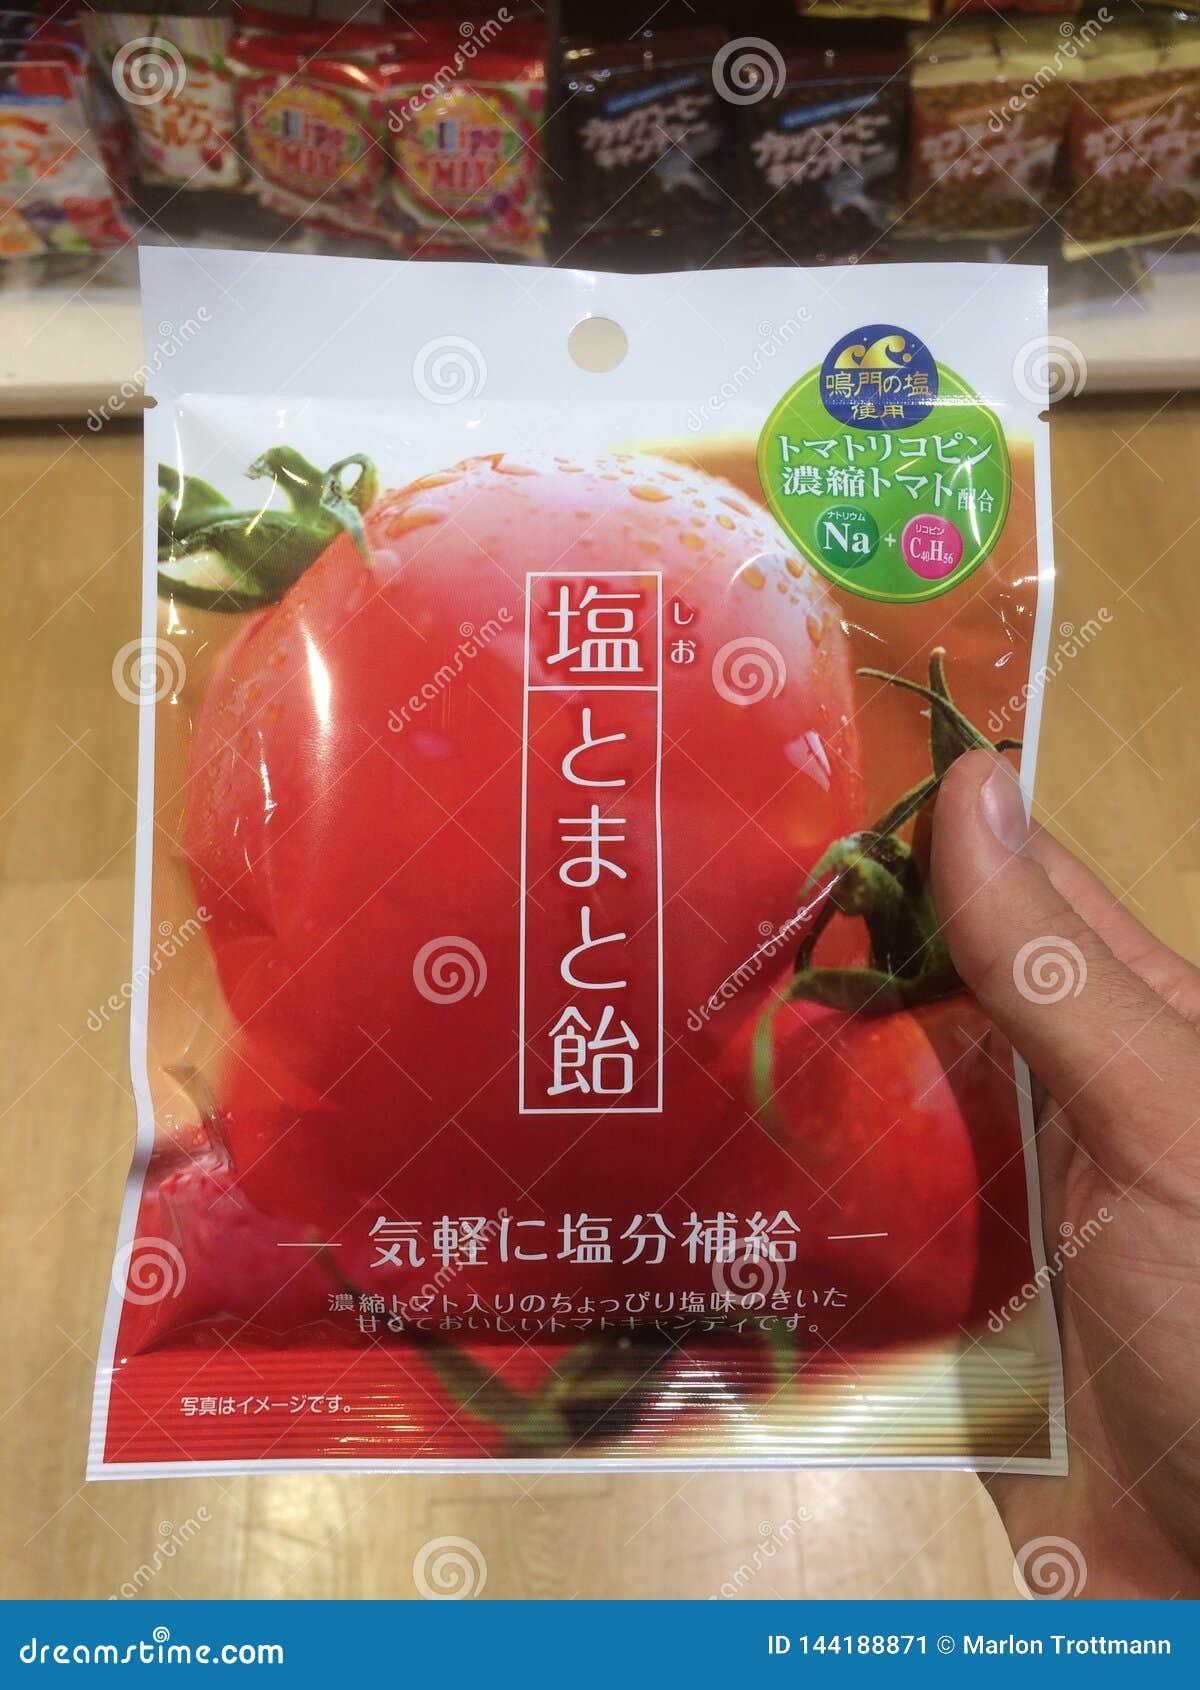 Imagen ascendente cercana del producto japonés típico de los microprocesadores del veggie del tomate